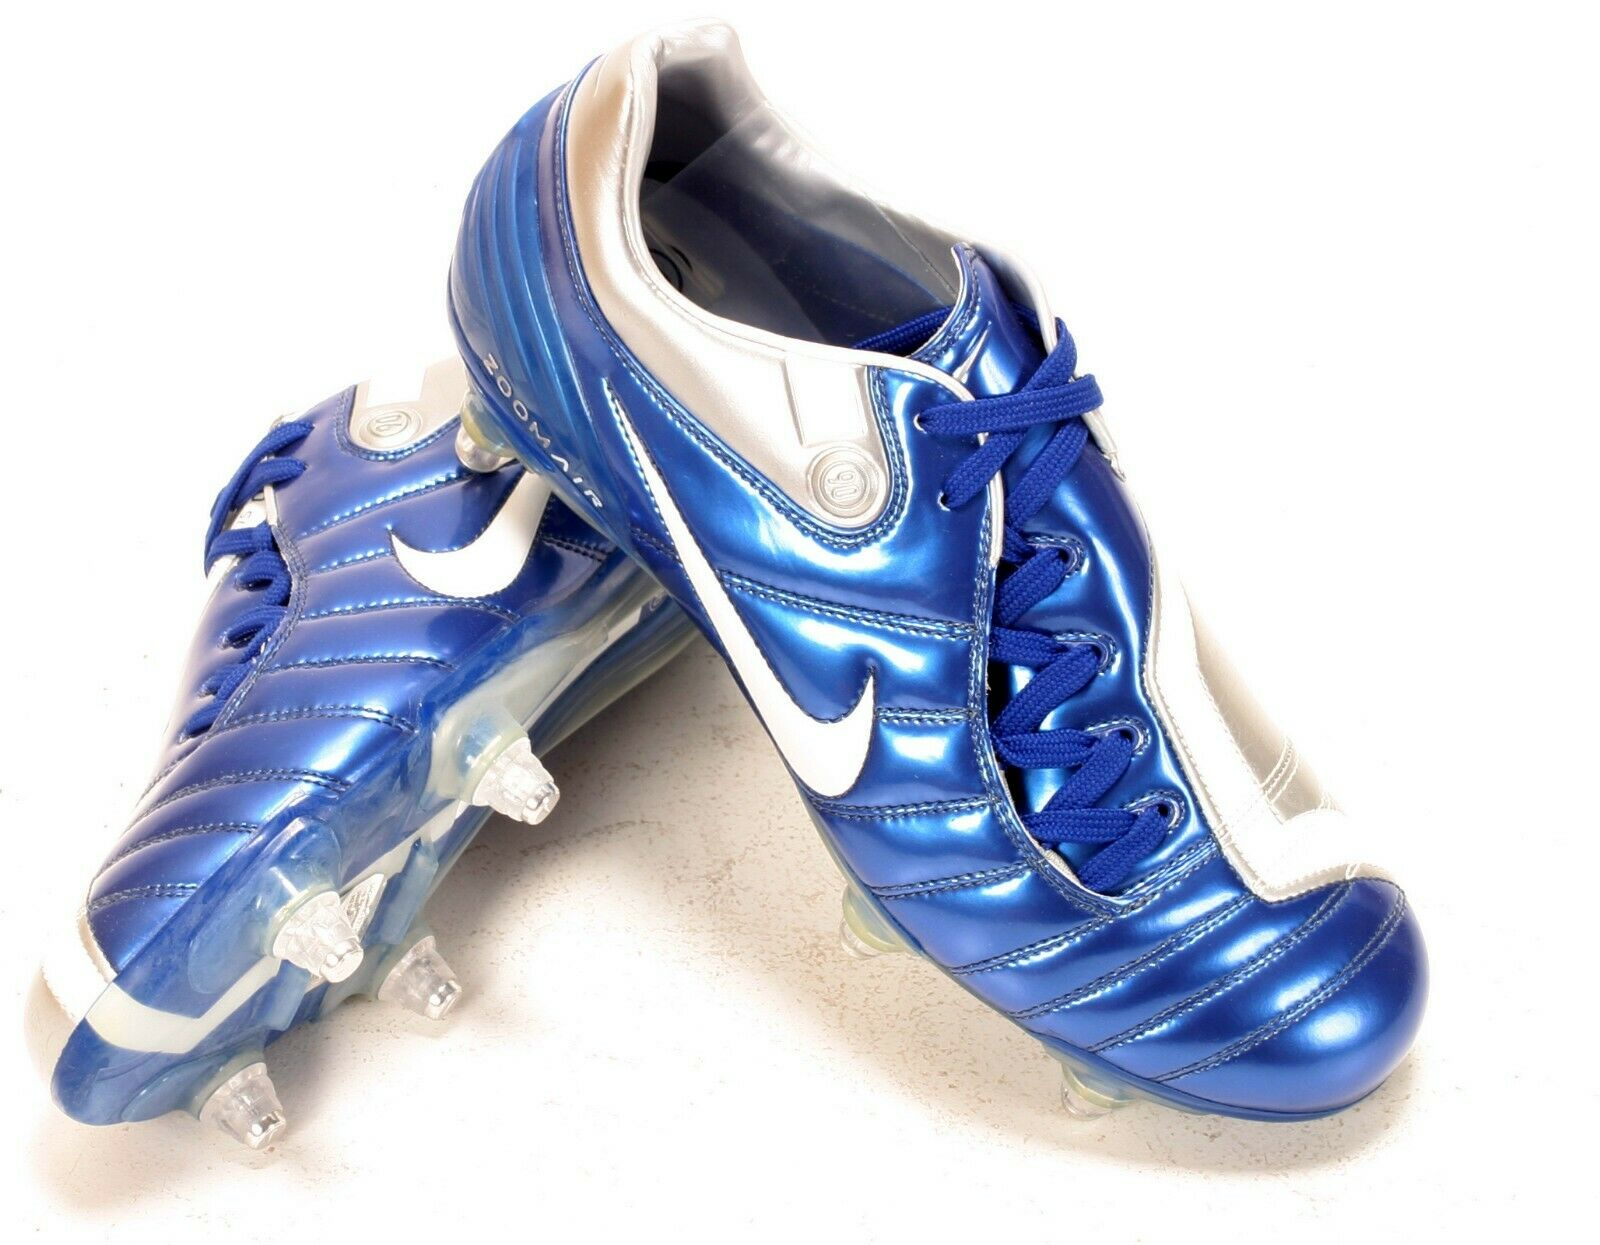 Nike Air Zoom Total 90 supremacía SG botas Azul Plata7 EU41 Nuevo Y En Caja 313843411